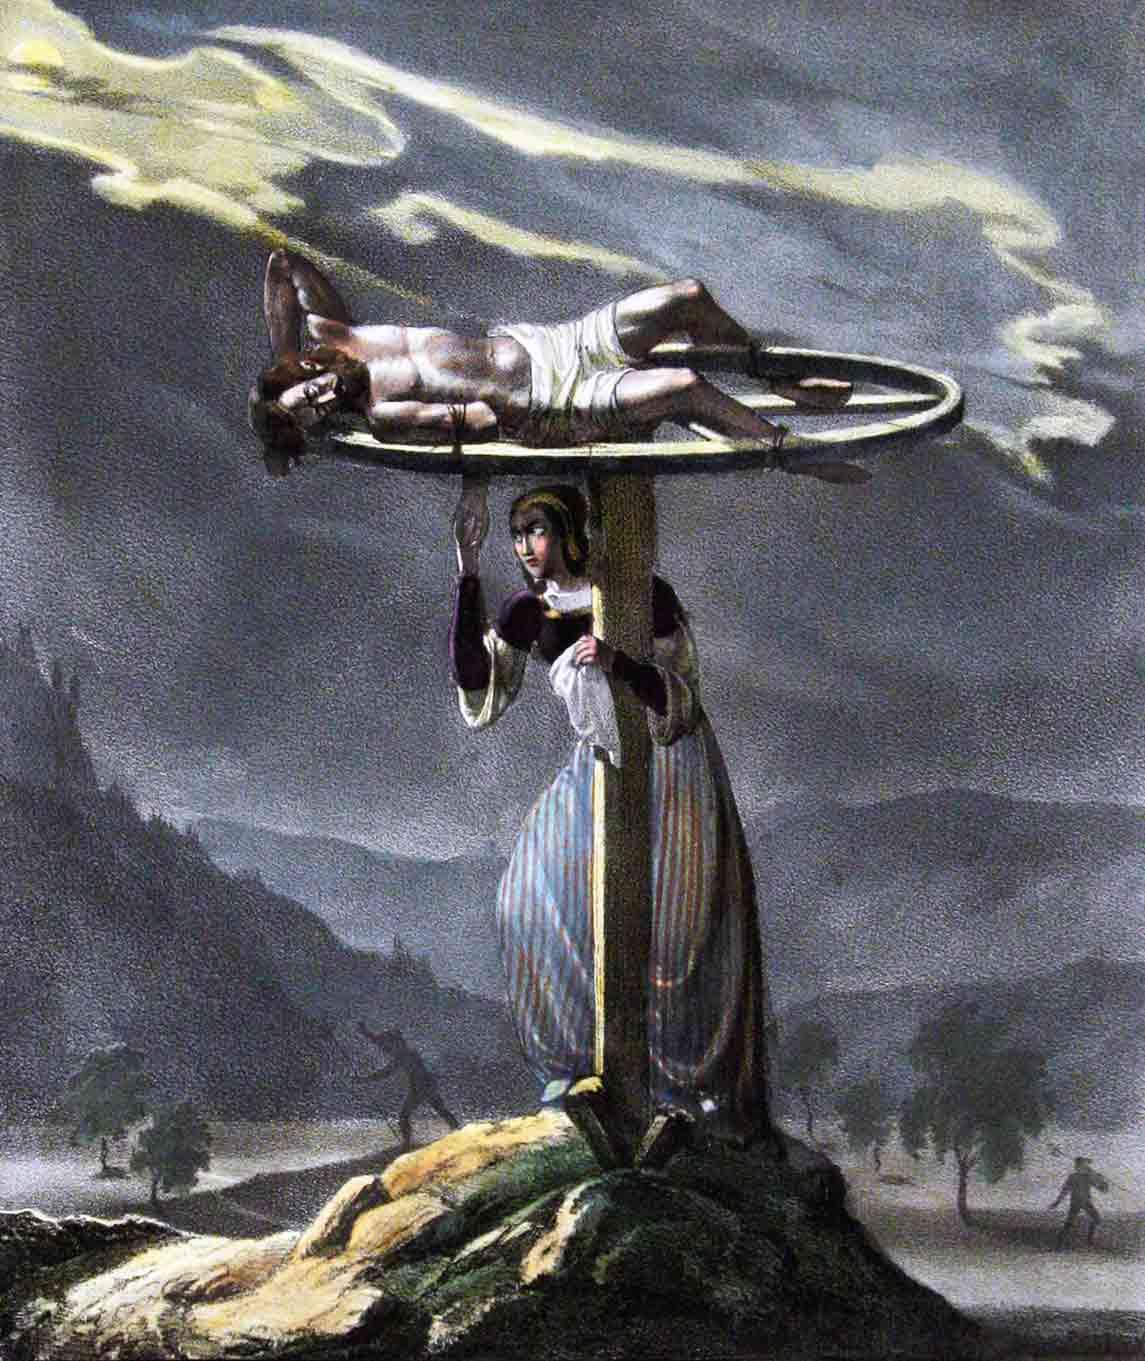 HONEGGER LITH. V. / STEFFAN, AUF STEIN GEZ. V.: - Gertrud von Wart. (Aargau 1308).